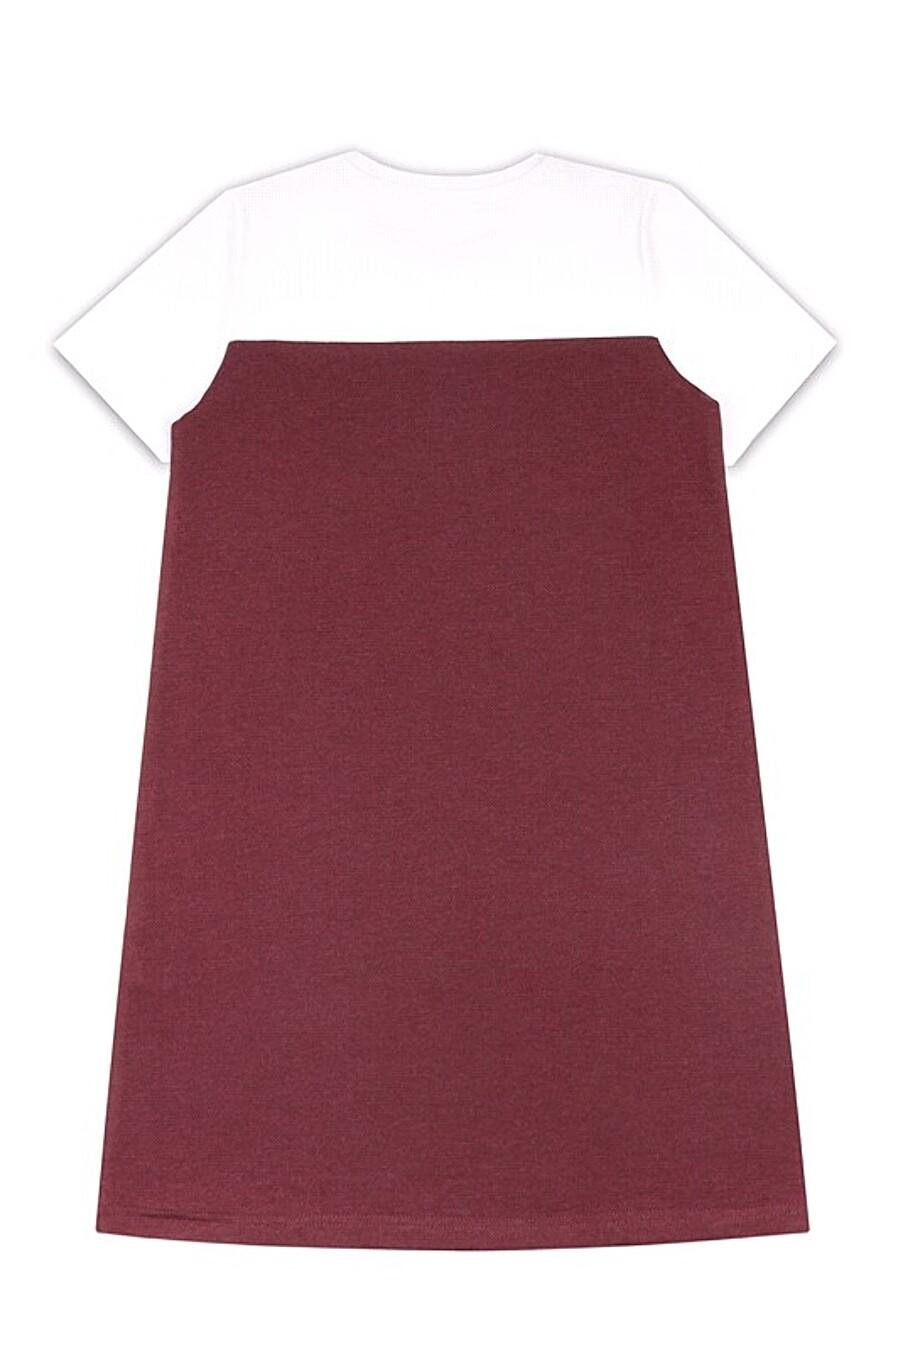 Платье для девочек АПРЕЛЬ 219189 купить оптом от производителя. Совместная покупка детской одежды в OptMoyo